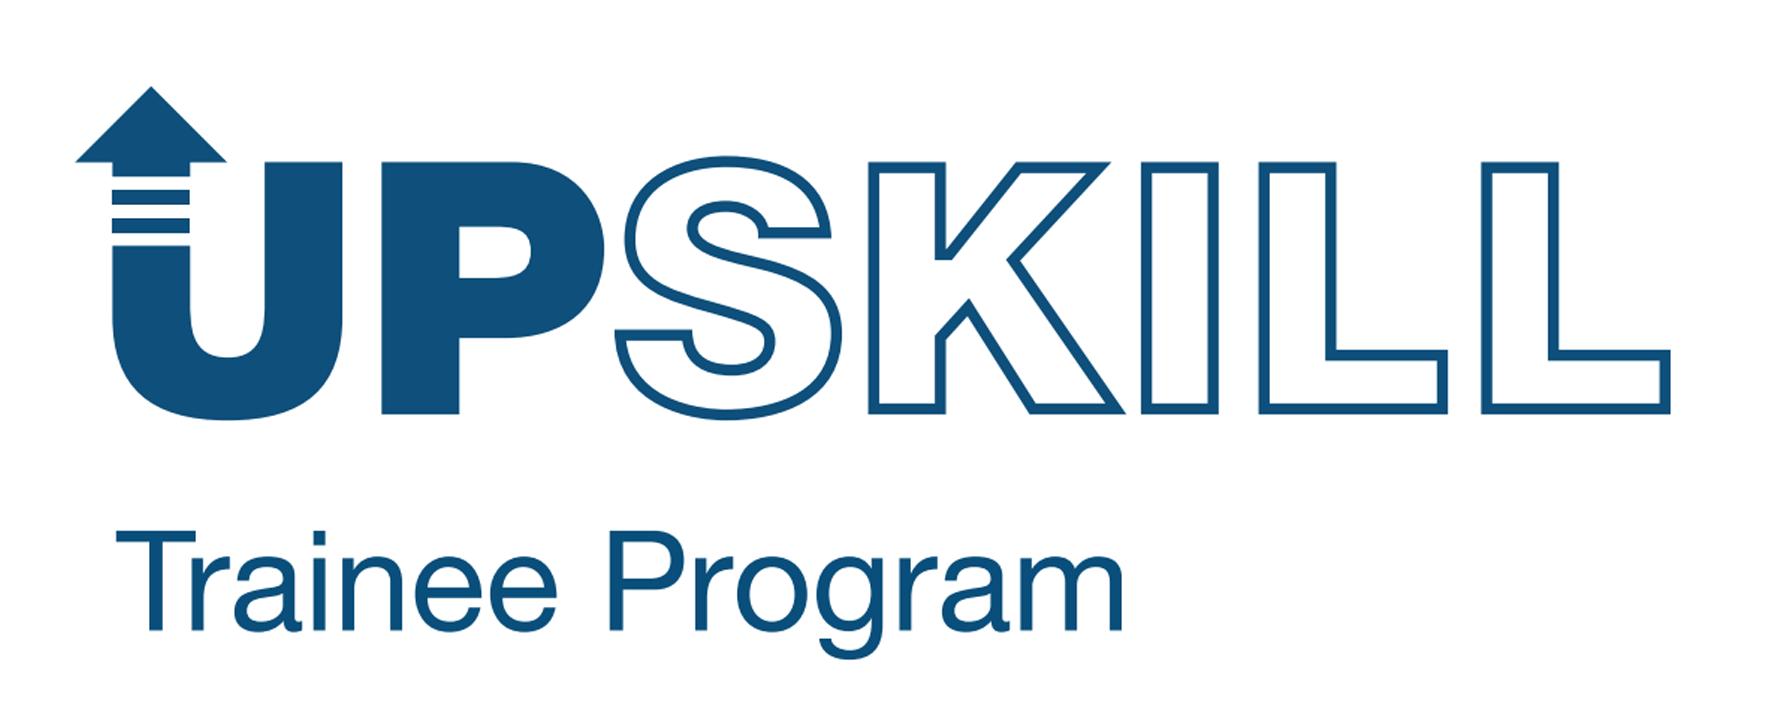 UpSkill Trainee Program